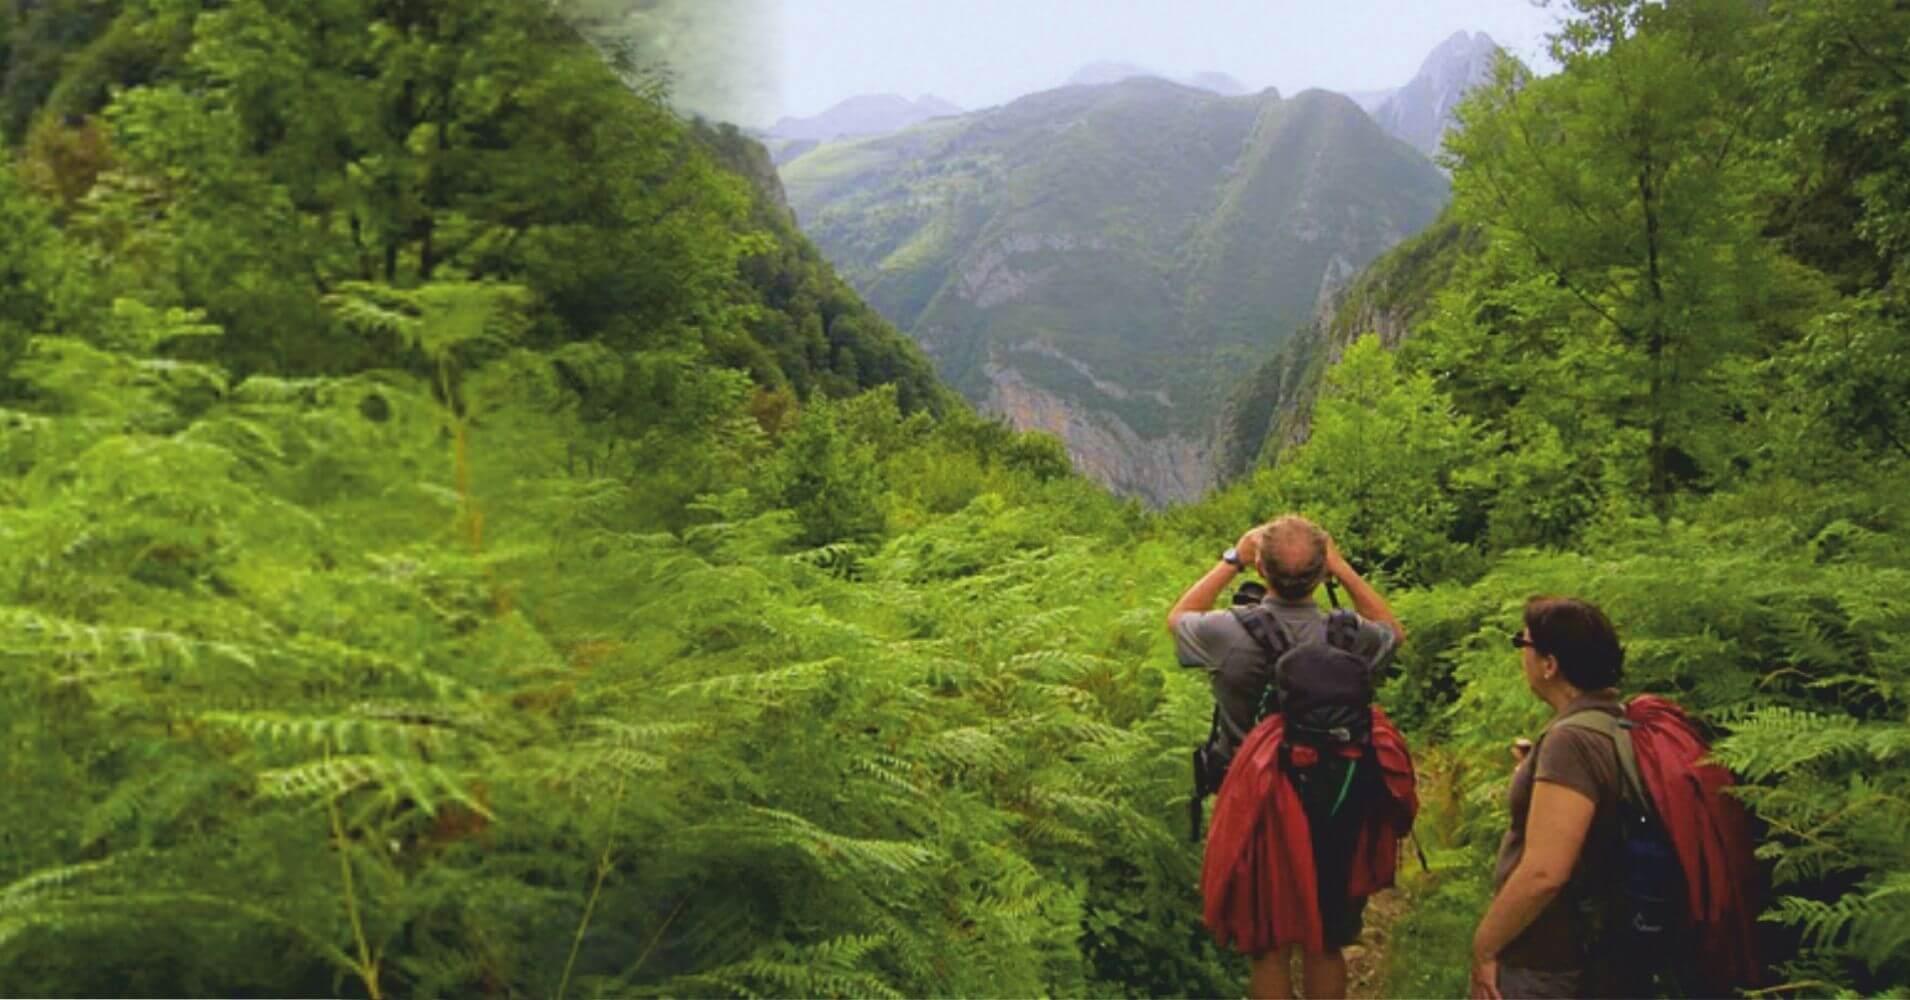 Chemin de la Mâture. Valle de Aspe en Etsaut. Pirineos Atlánticos. Nueva Aquitania. Francia.